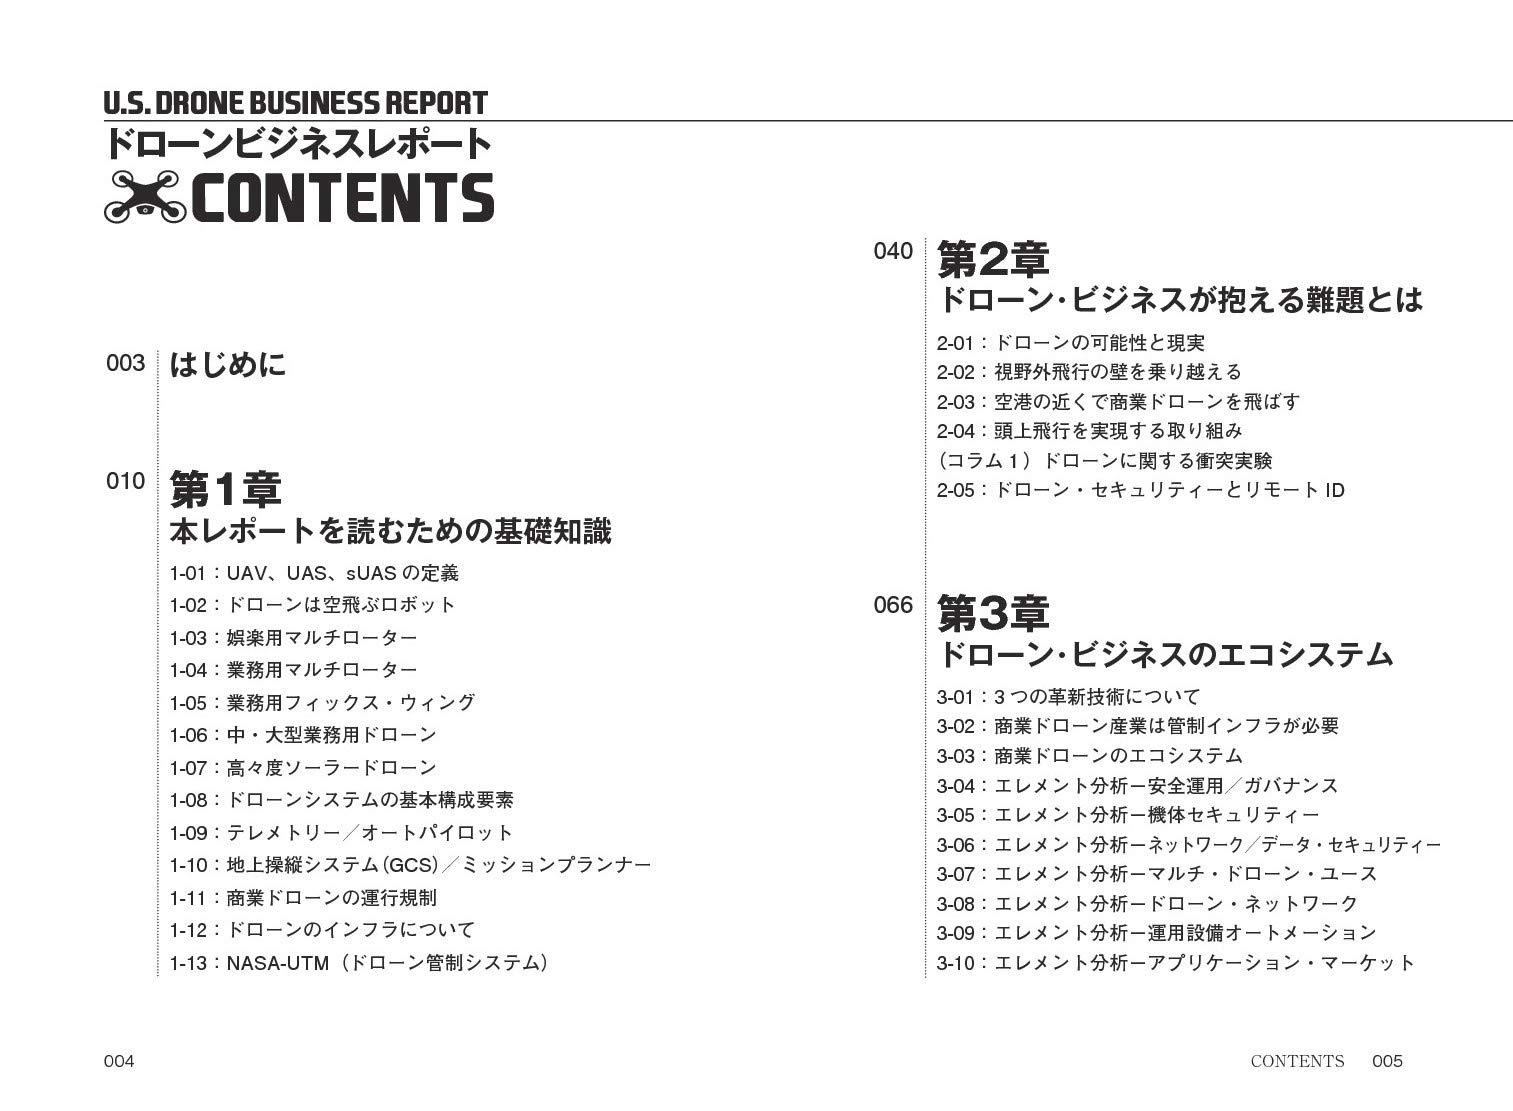 ドローンビジネスレポート u s drone business report 小池良次 本